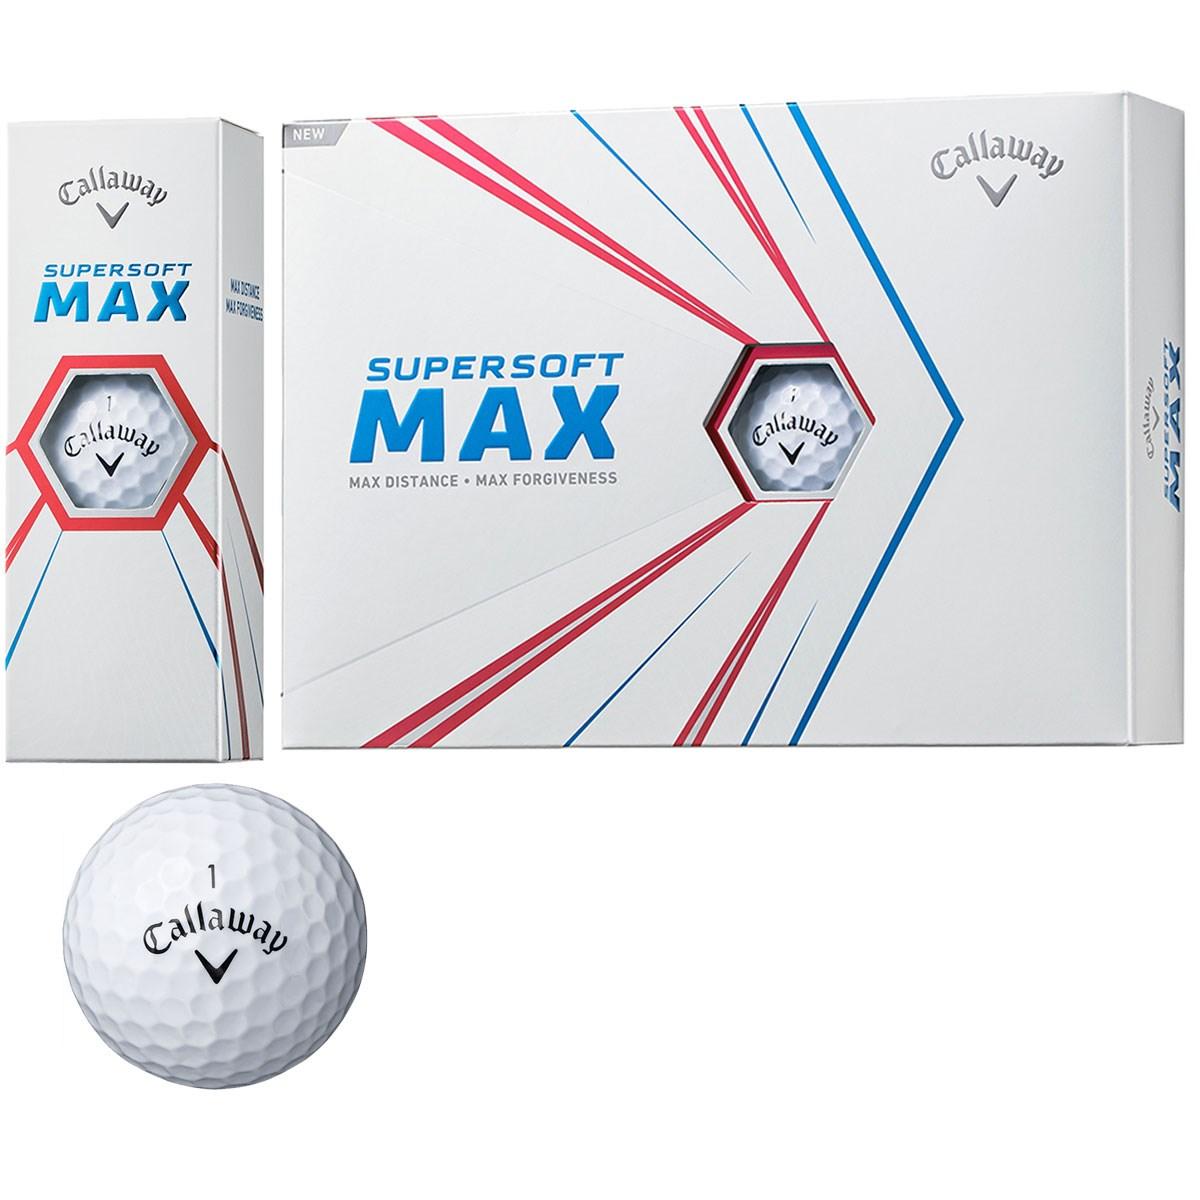 キャロウェイゴルフ SUPERSOFT SUPERSOFT MAX 21 ボール 1ダース(12個入り) ホワイト